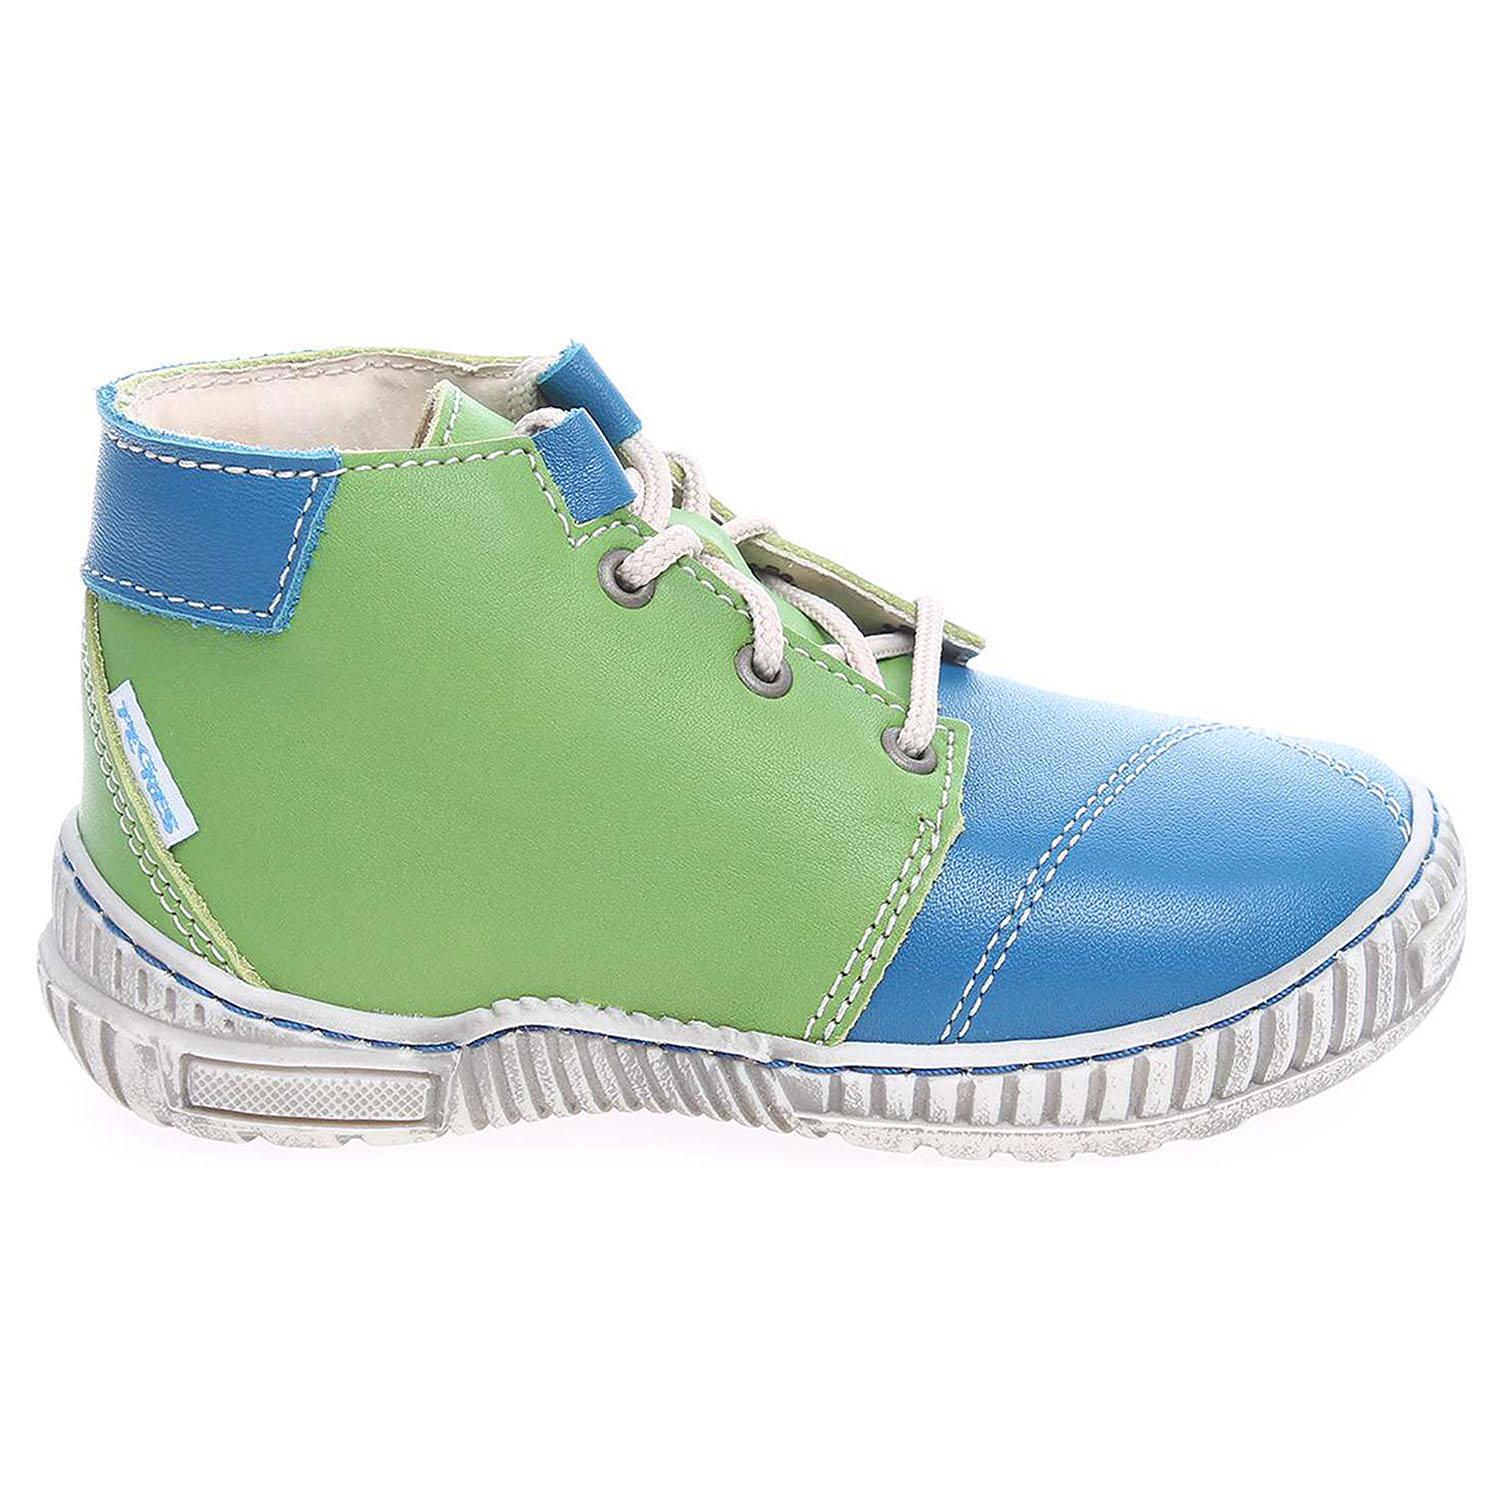 Ecco Pegres chlapecká obuv 1406.00 modrá-zelená 29400066